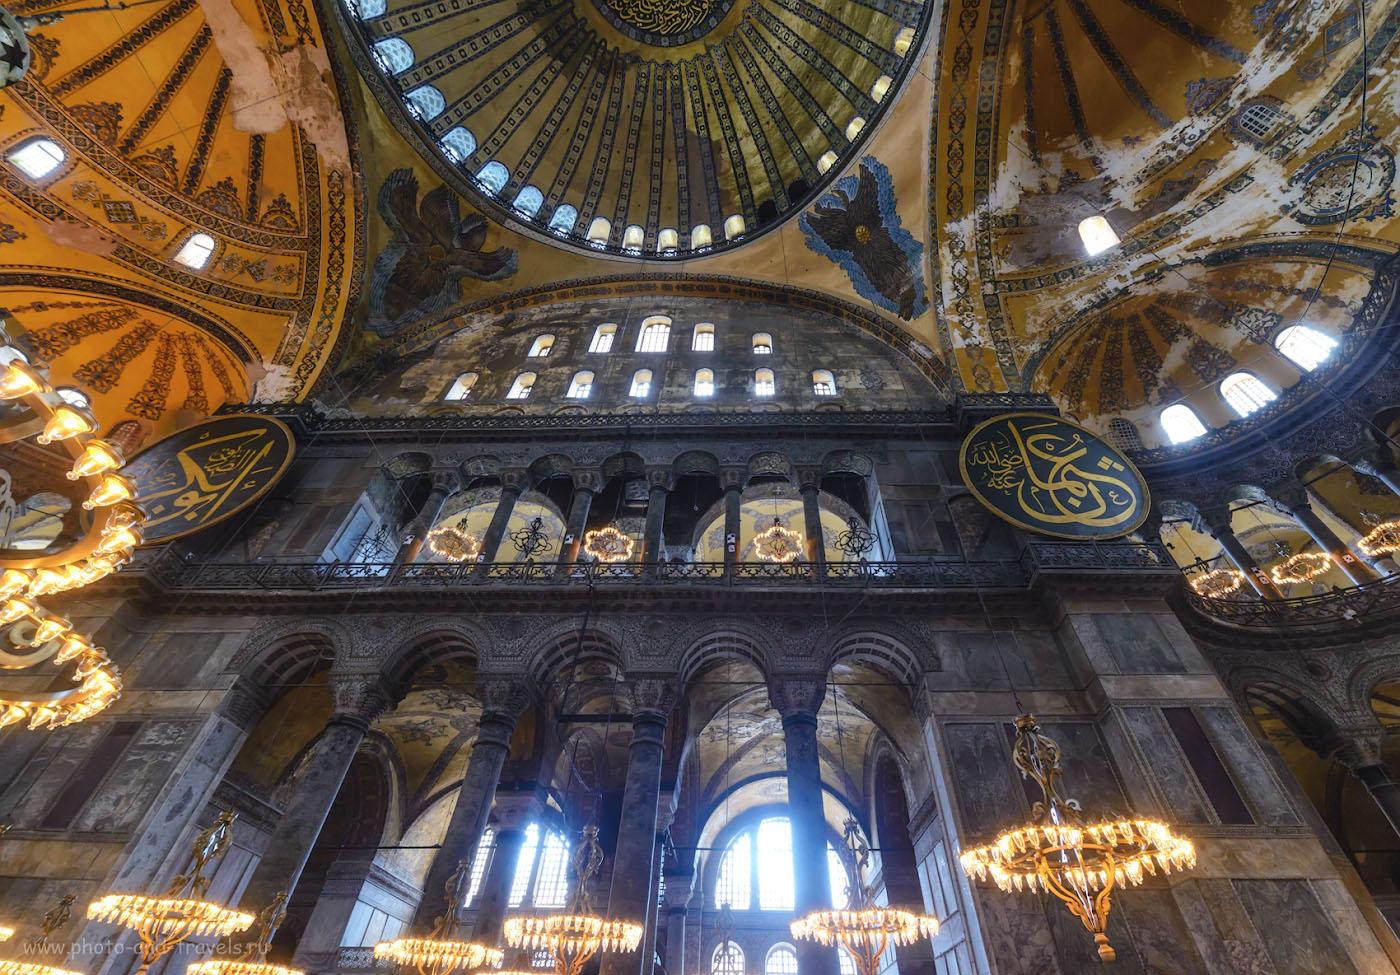 Фотография 20. Интерьеры Айя-Софии. Экскурсии в Стамбуле. 1/40, 0.33, 5.6, 2500, 14.